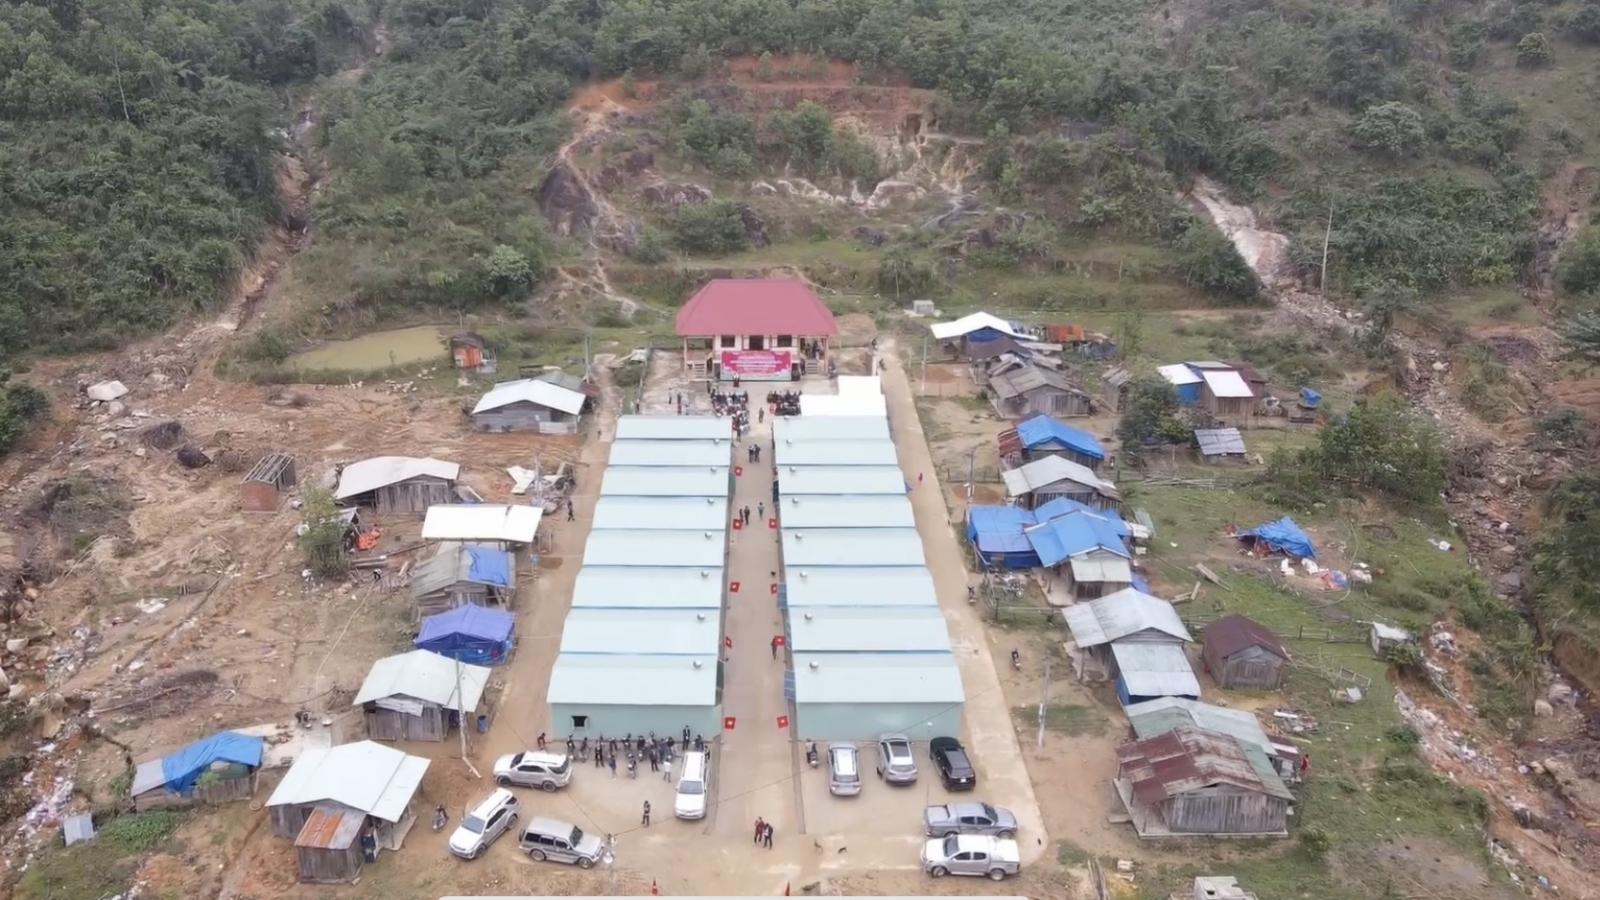 Khánh thành, bàn giao 17 căn nhà đầu tiên cho người dân vùng sạt lở Phước Sơn, Quảng Nam